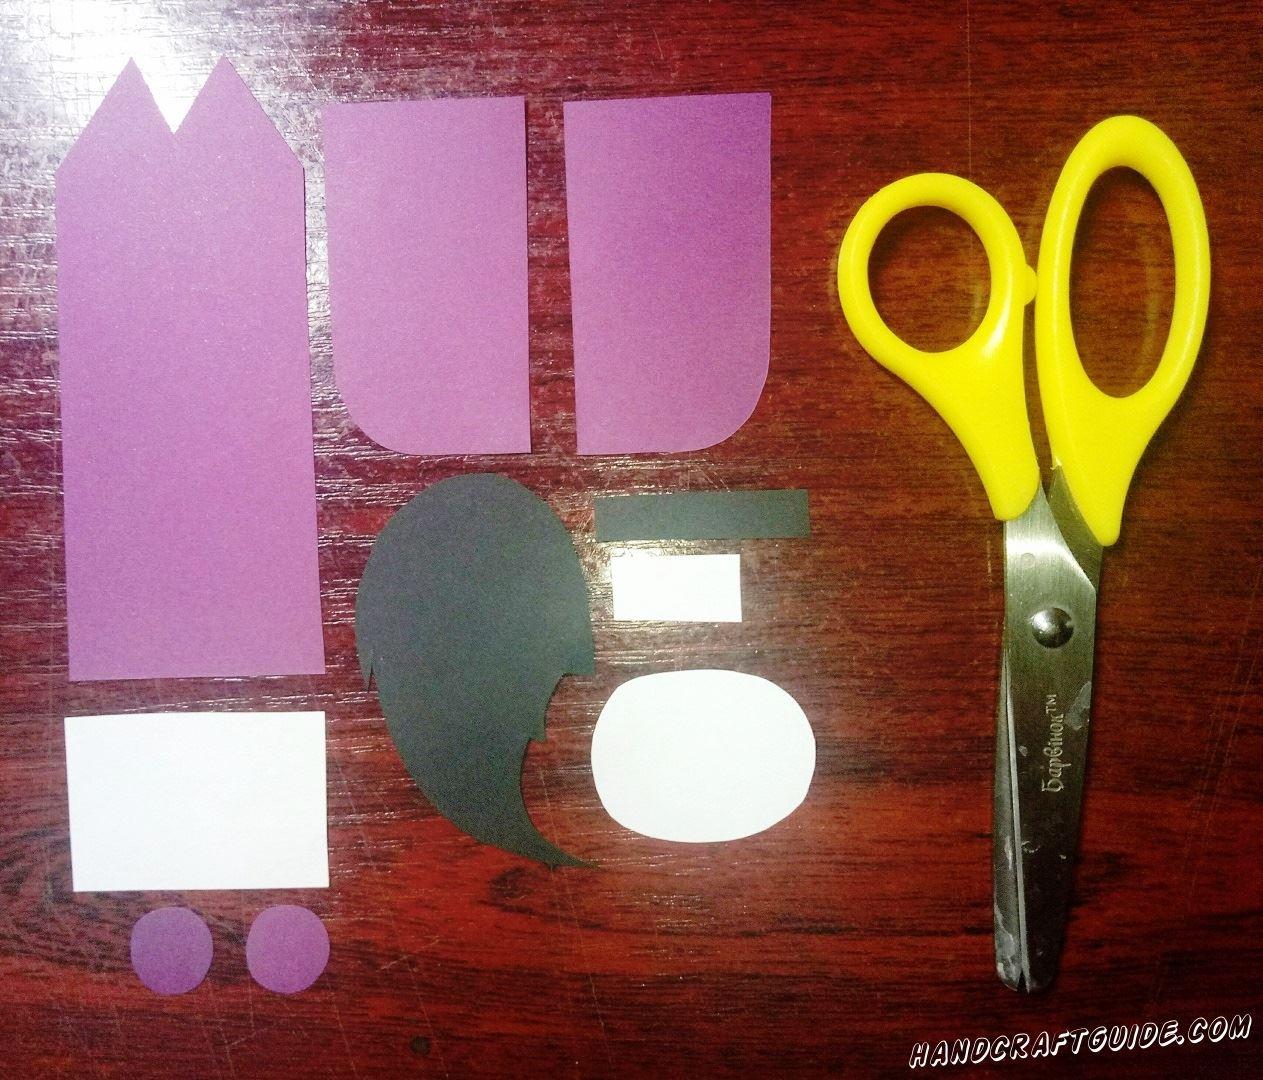 Вырезаем все необходимые нам фигурки из бумаги: широкую фиолетовую полоску с двумя острыми углами на одной стороне, два прямоугольника с одним закругленным углом и два маленьких кружочка. Также нам нужна причёска и тонкая полоска из чёрной бумаги, большой и маленький прямоугольник и овал белого цвета, как показано на фото.